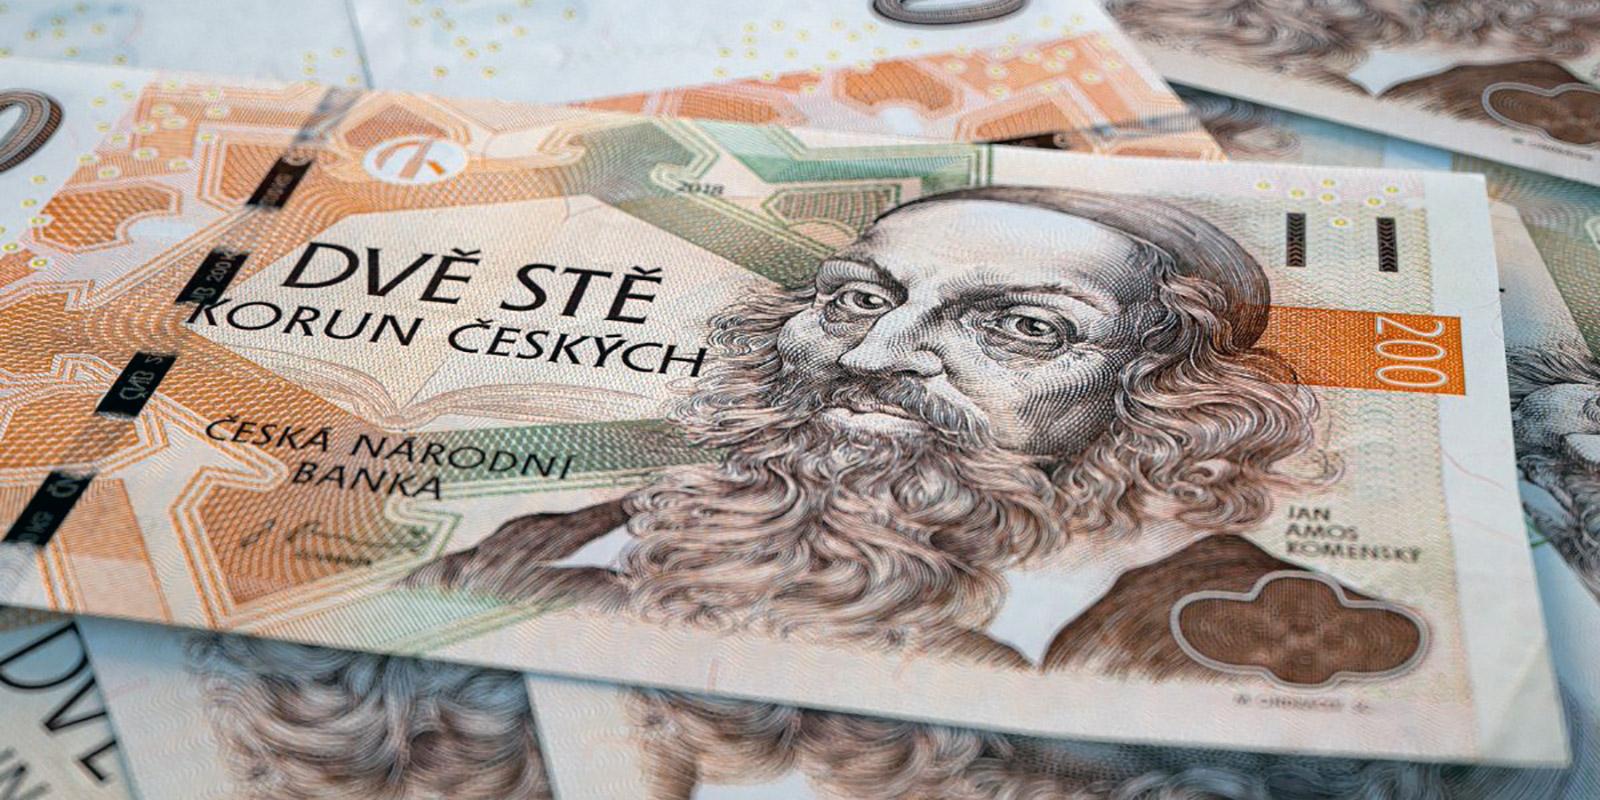 Průzkum trhu: Češi zbytečně připravují sami sebe o peníze pasivním jednáním